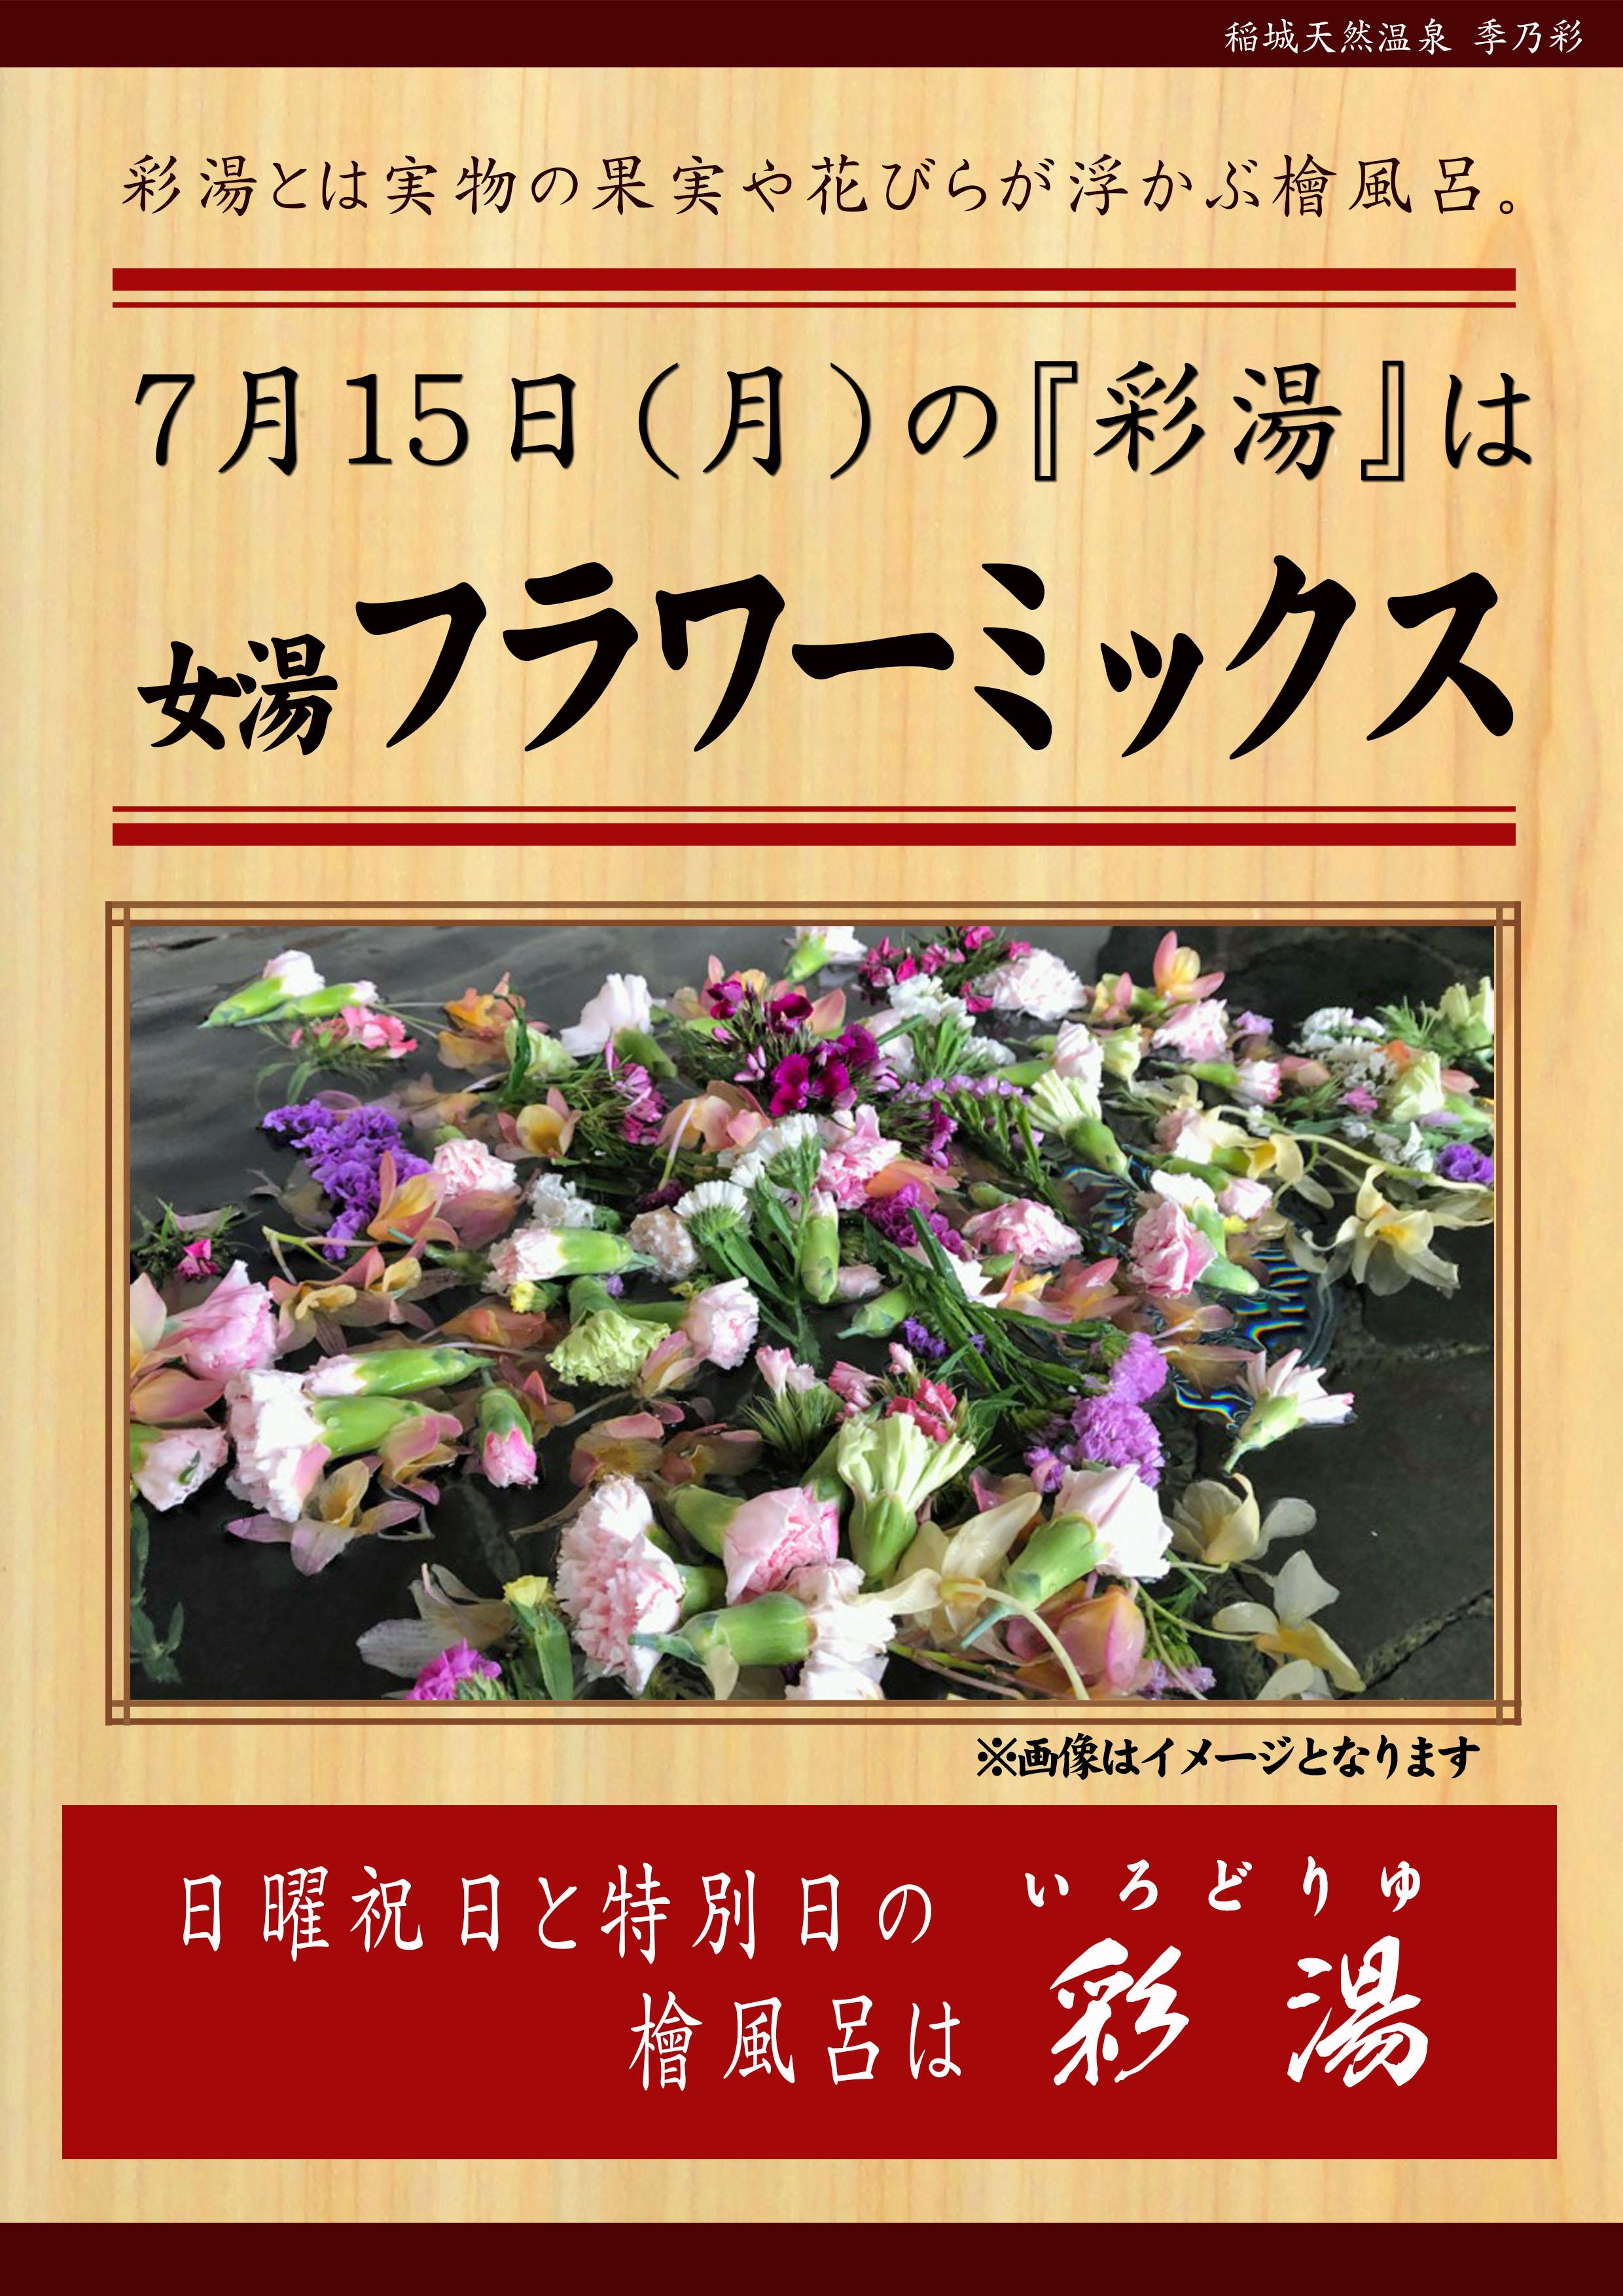 190715彩湯 女湯 フラワーミックス new